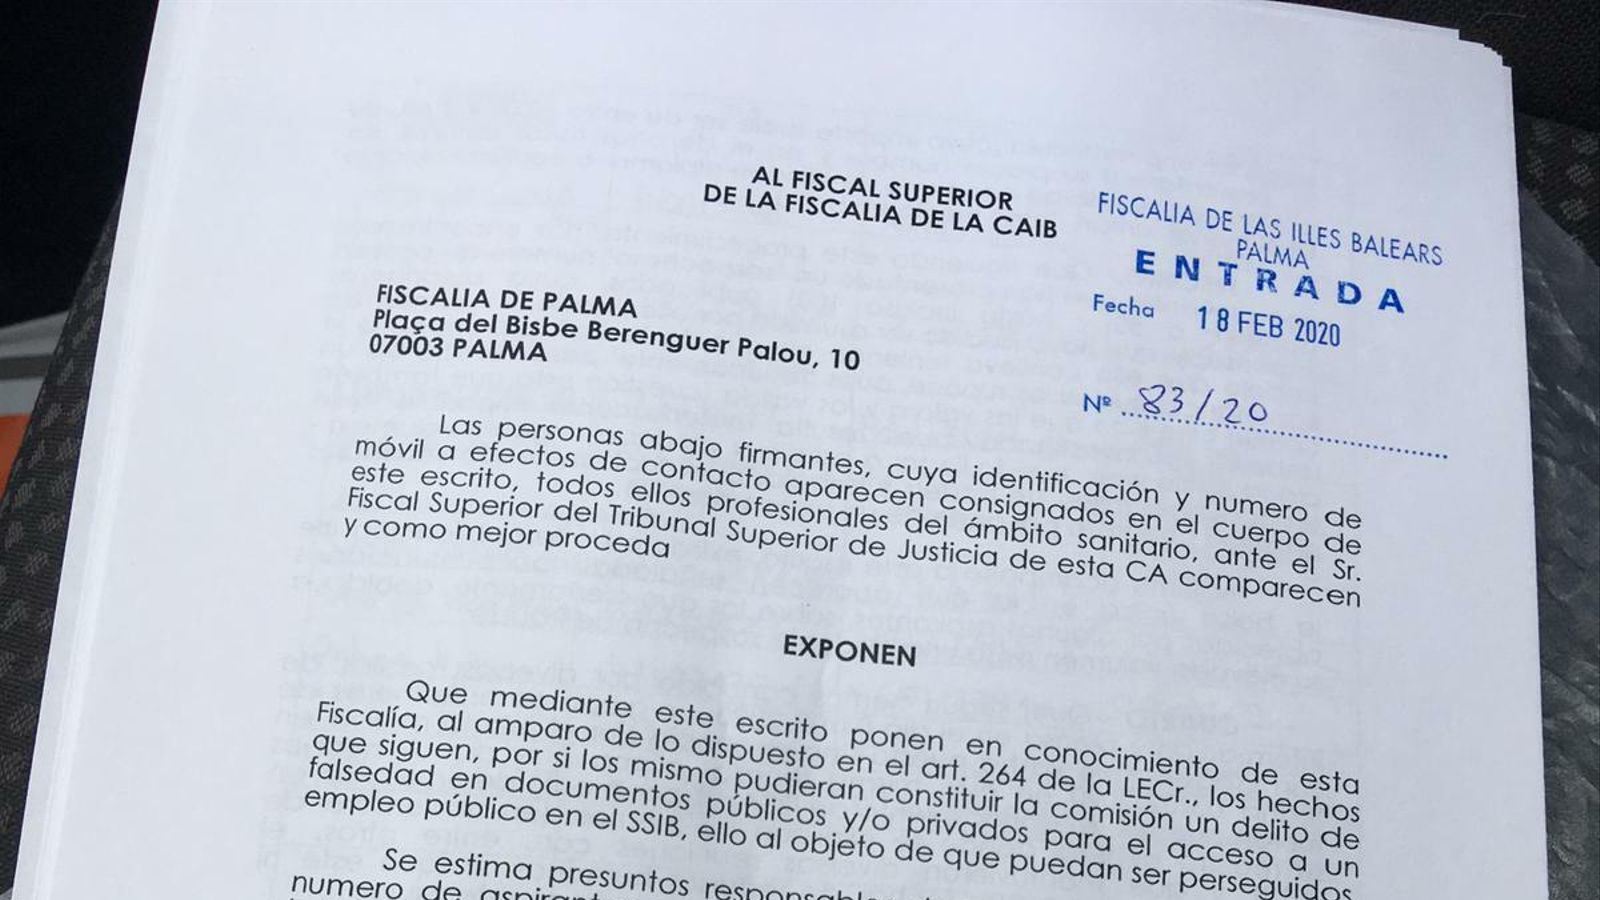 Denúncia per falsificació de documents per part d'infermers aspirants a la borsa de l'IB-Salut